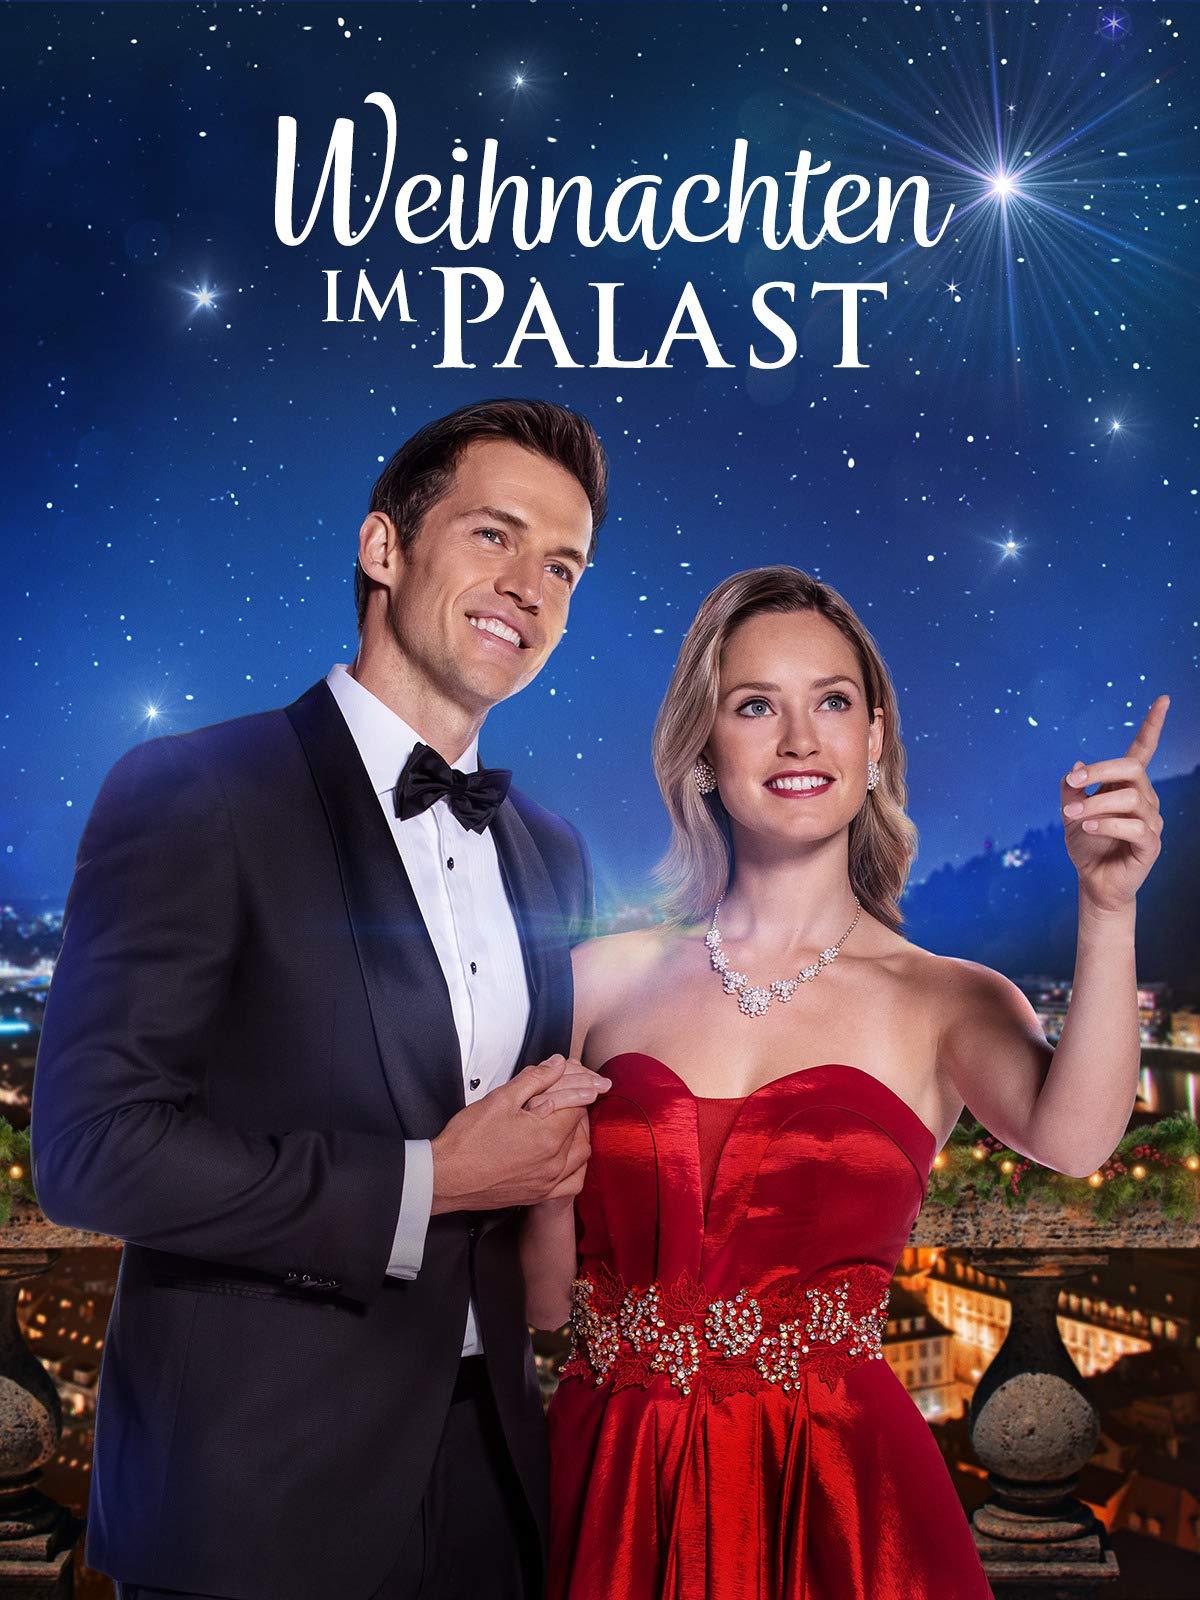 Filme Zu Weihnachten 2019.Amazon De Weihnachten Im Palast Ansehen Prime Video